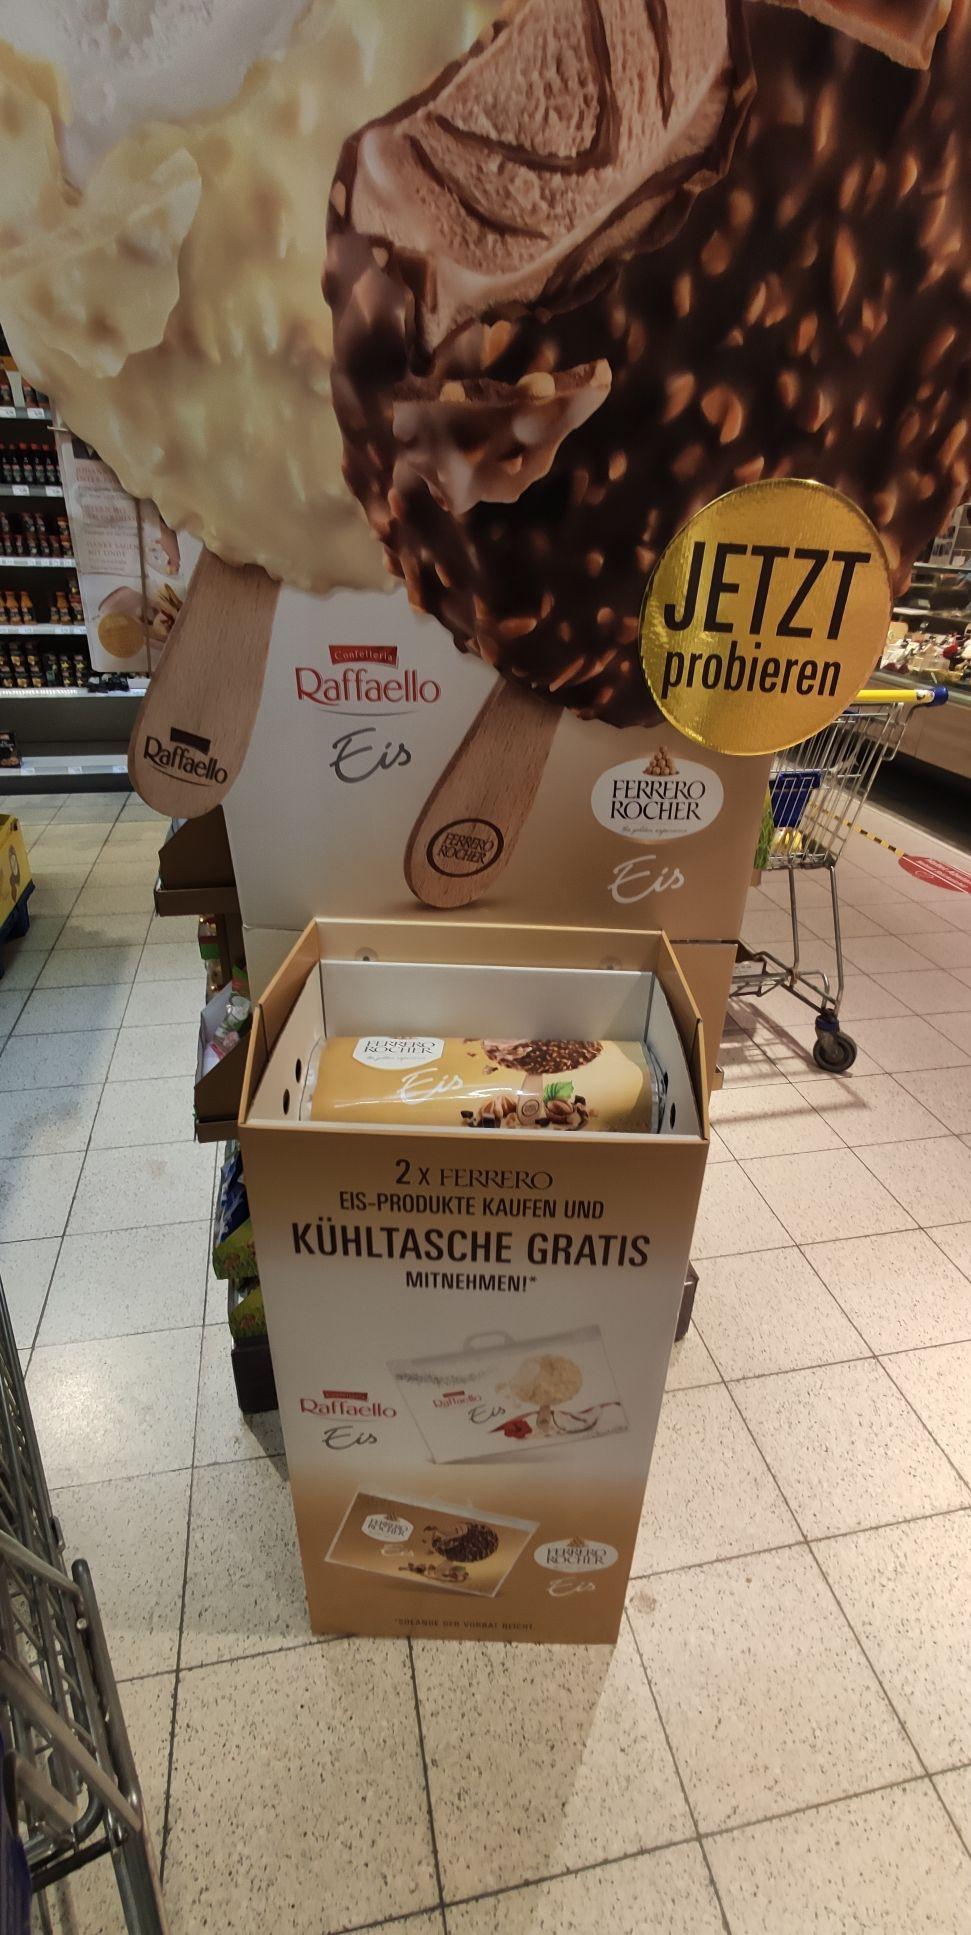 [Lokal Edeka evtl. weitere] 2x Ferrero Rocher/Raffaello Eis kaufen und Kühltasche gratis